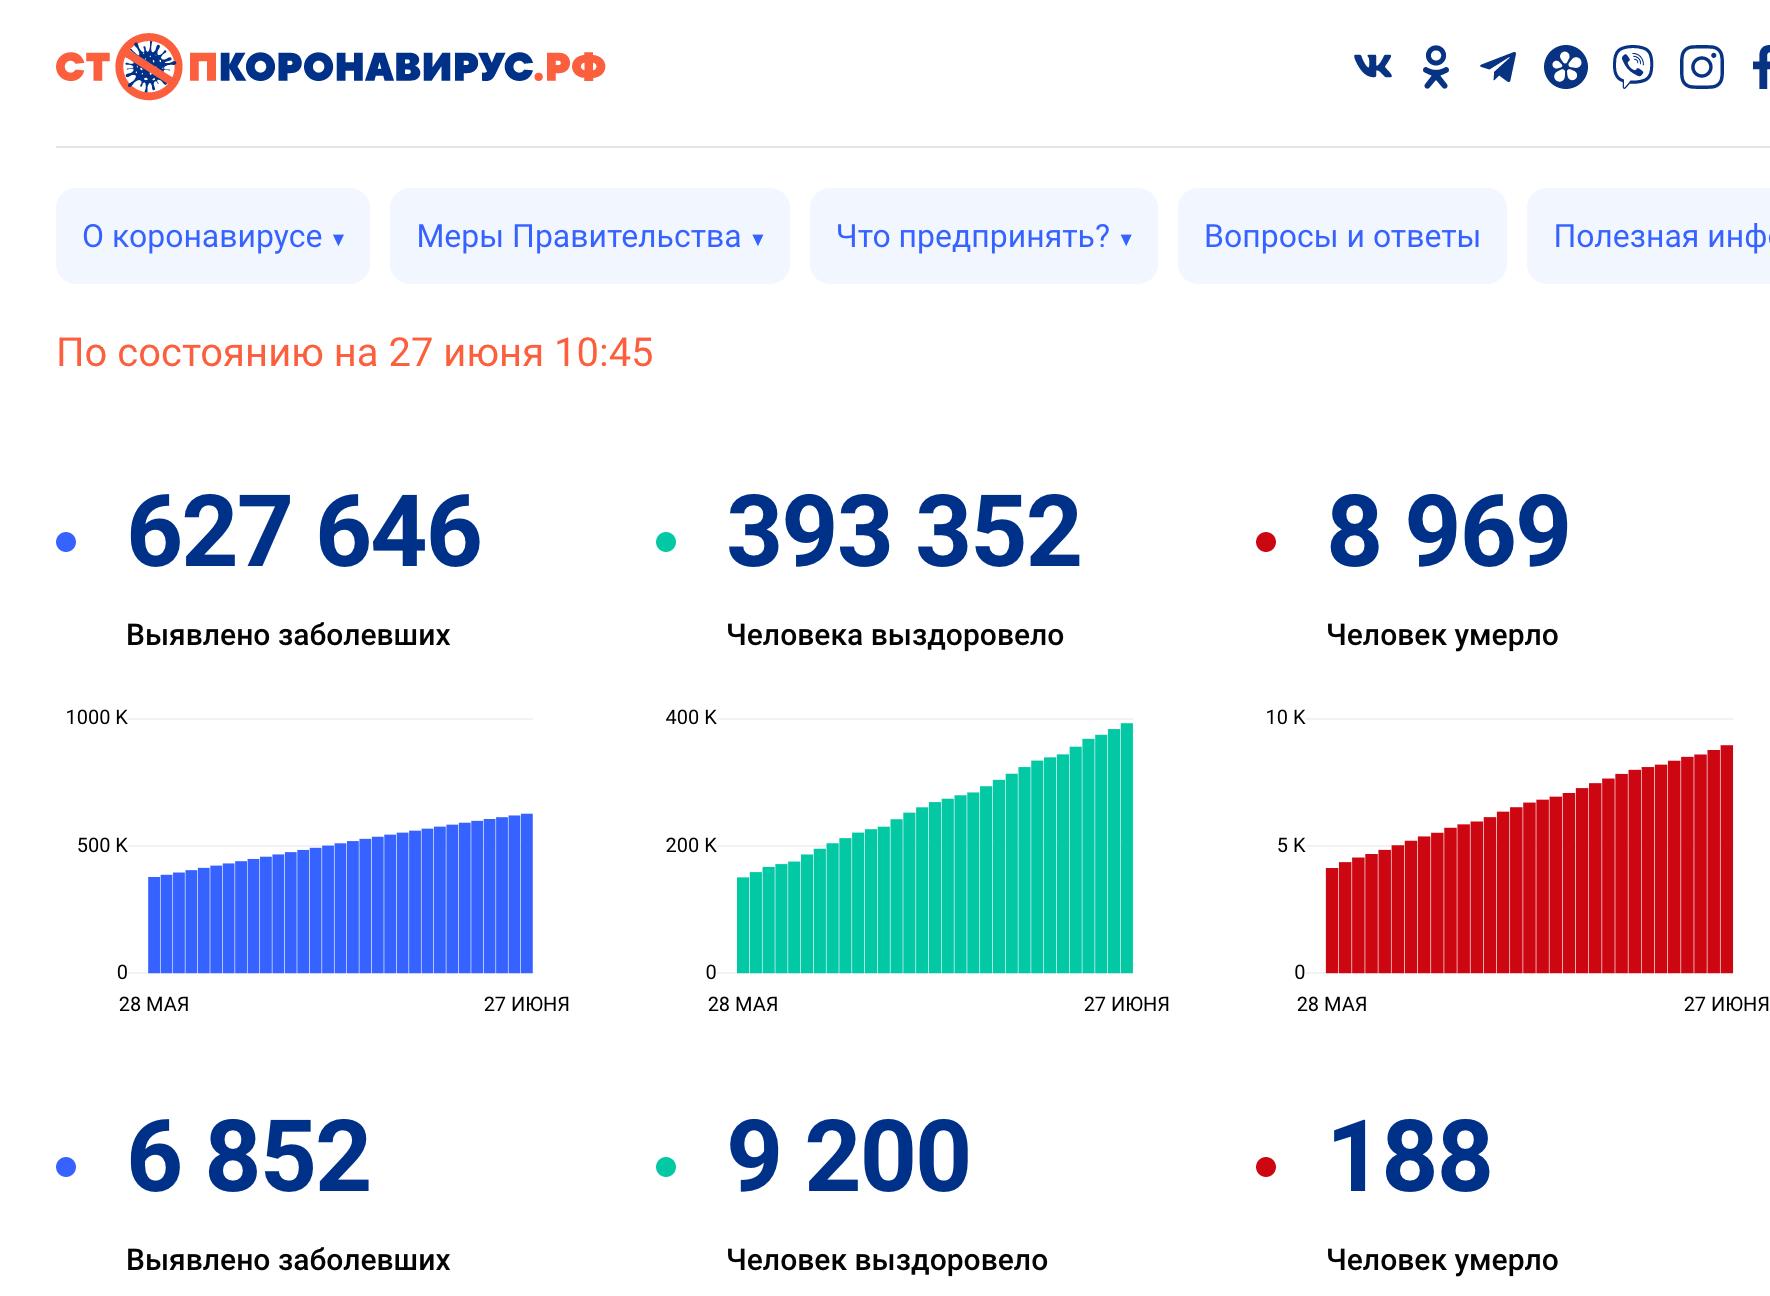 allbet登录官网:超62.7万!俄罗斯单日新增新冠肺炎确诊病例6852例,累计627646例